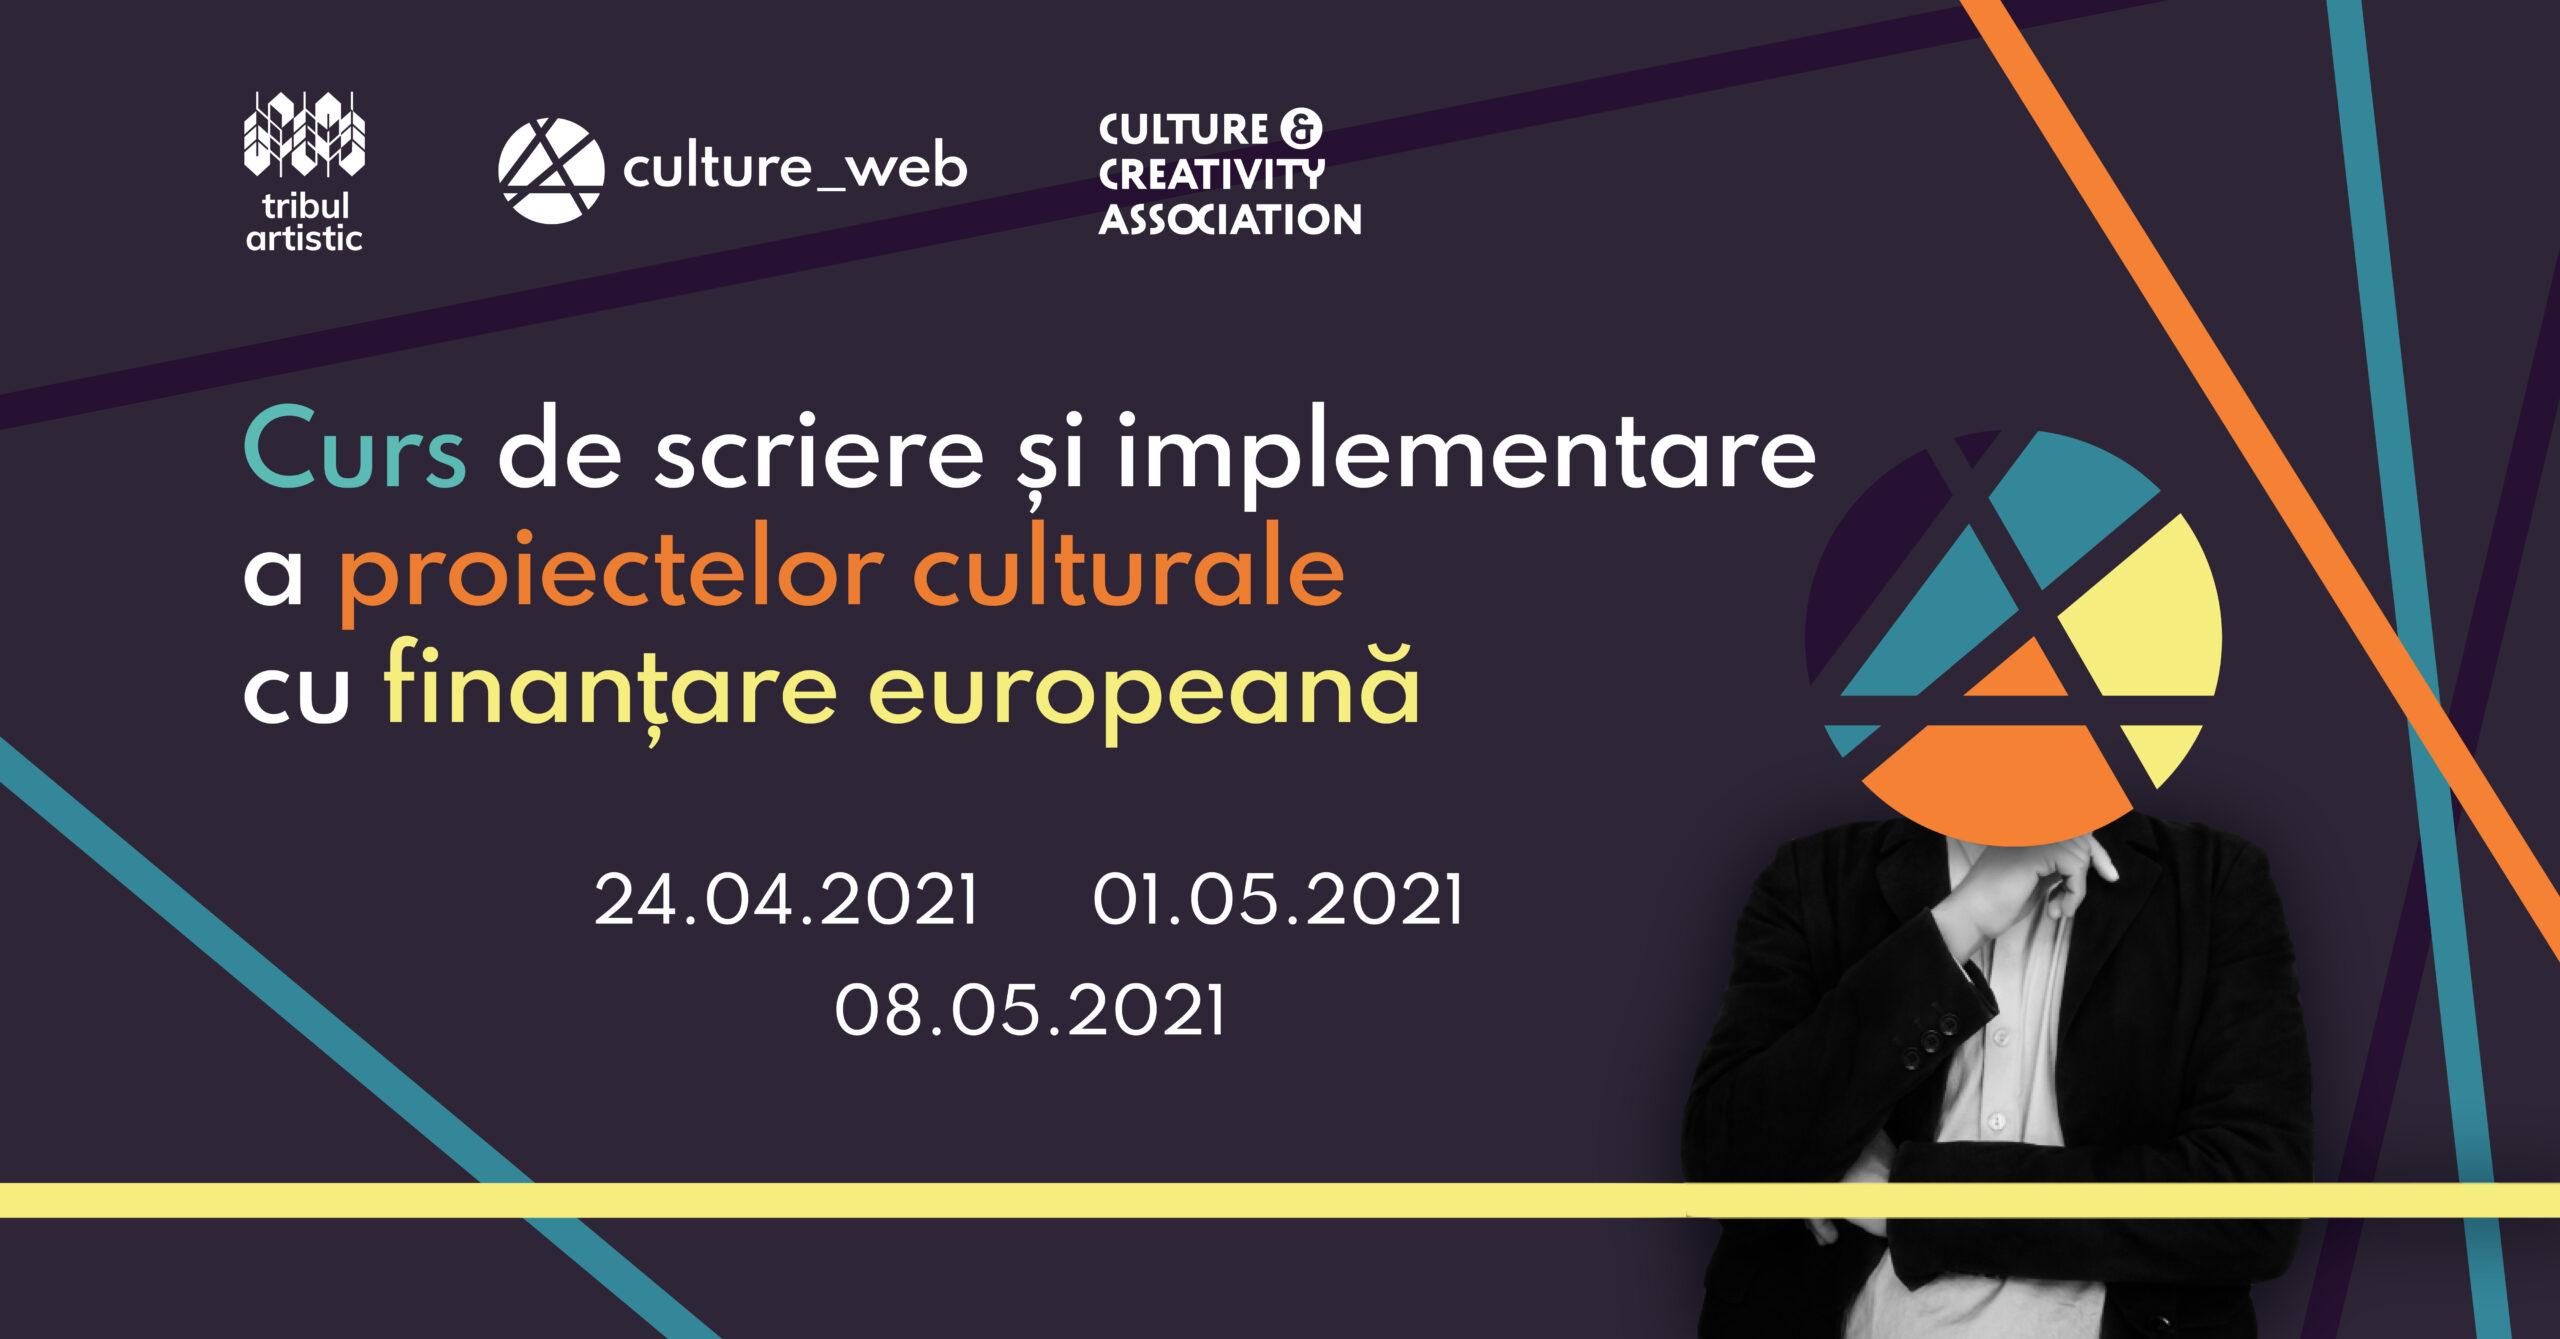 Curs scriere si implementare proiecte culturale cu finantare europeana